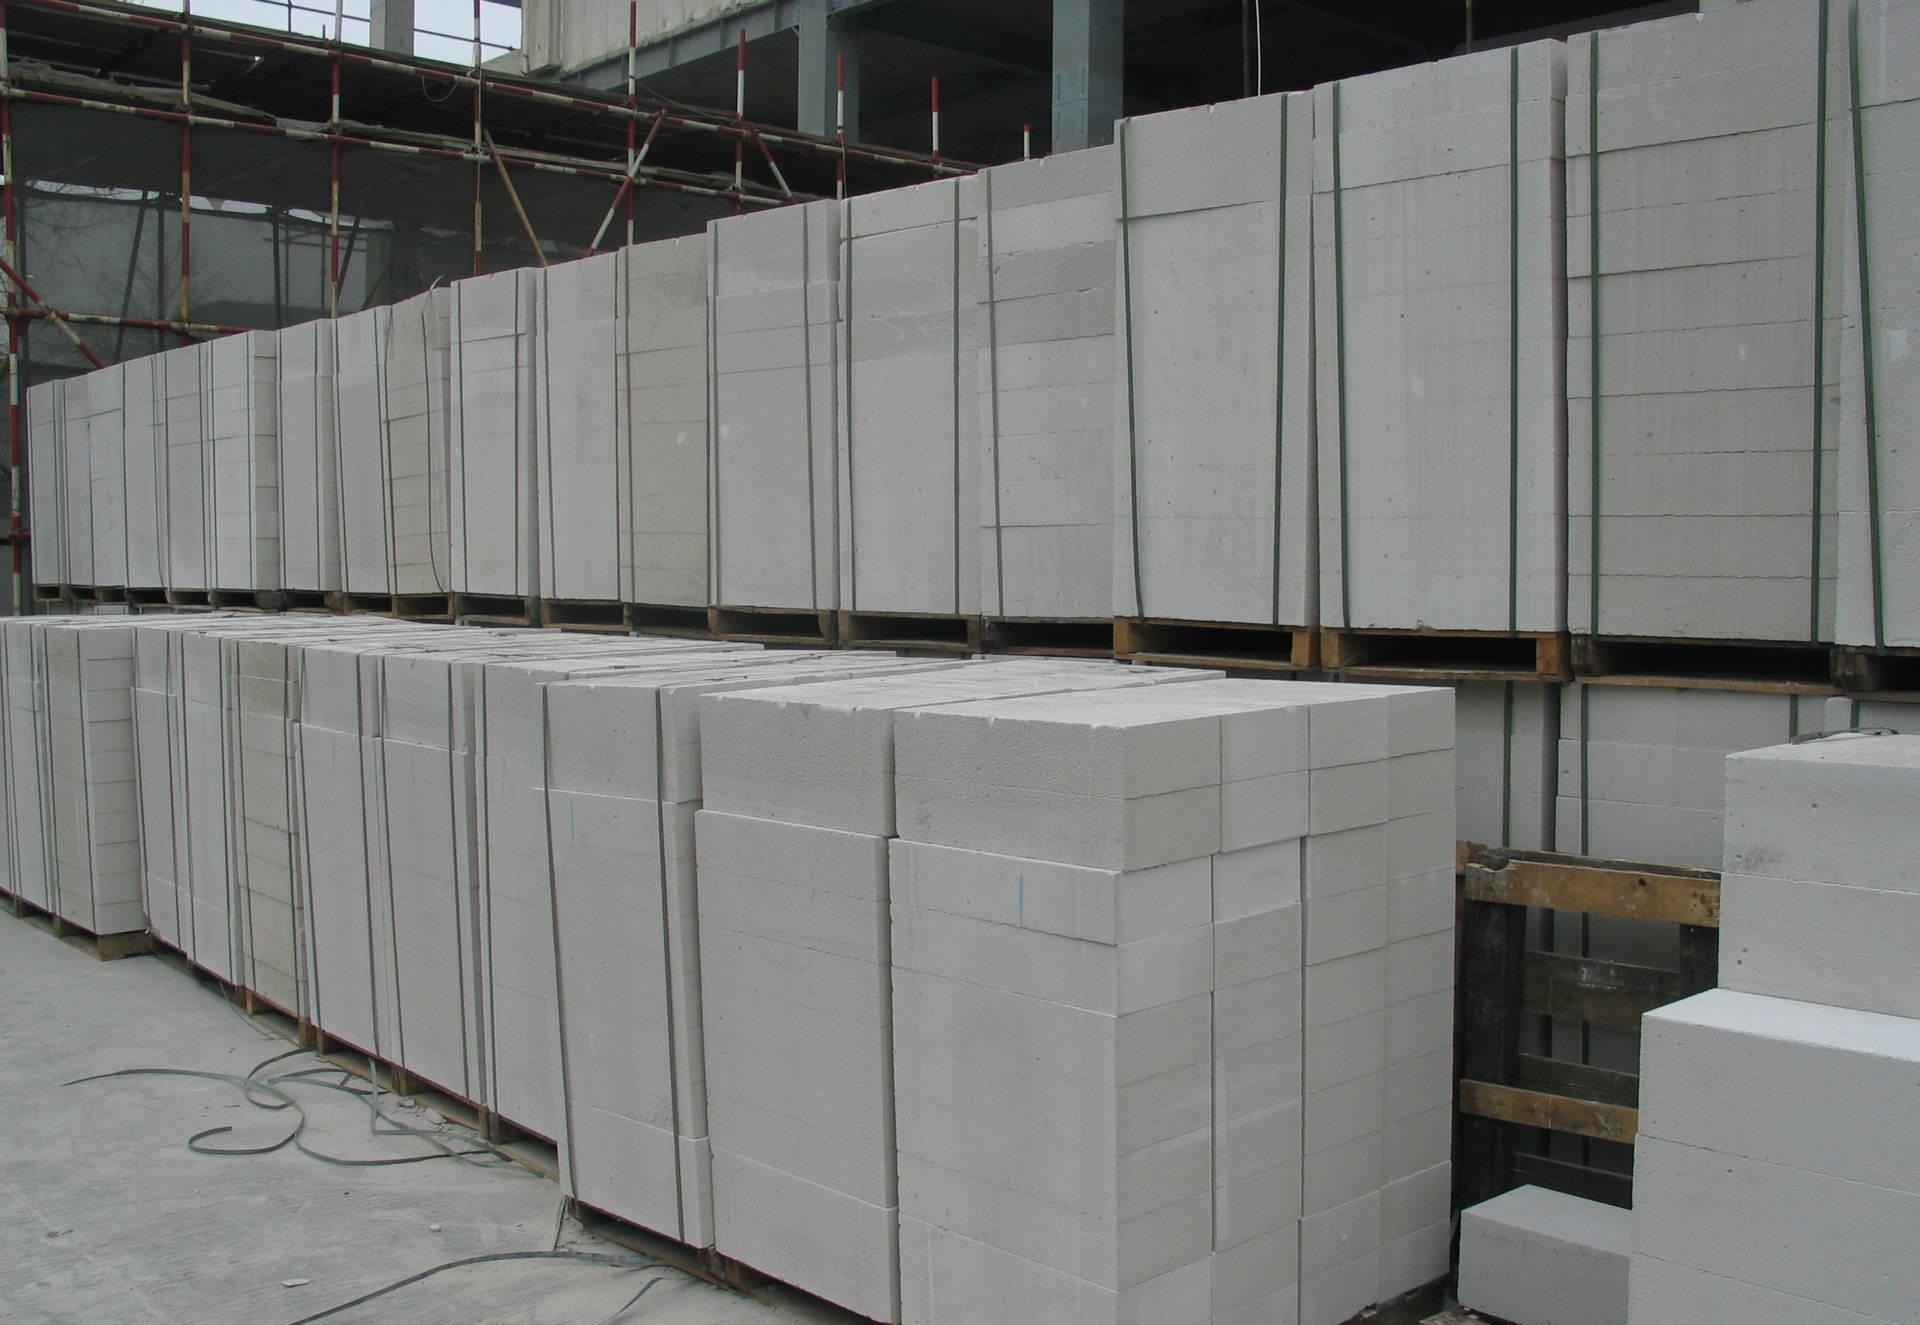 宁夏加气混凝土砌块厂家为您介绍关于砌筑的墙体施工工艺及质量标准